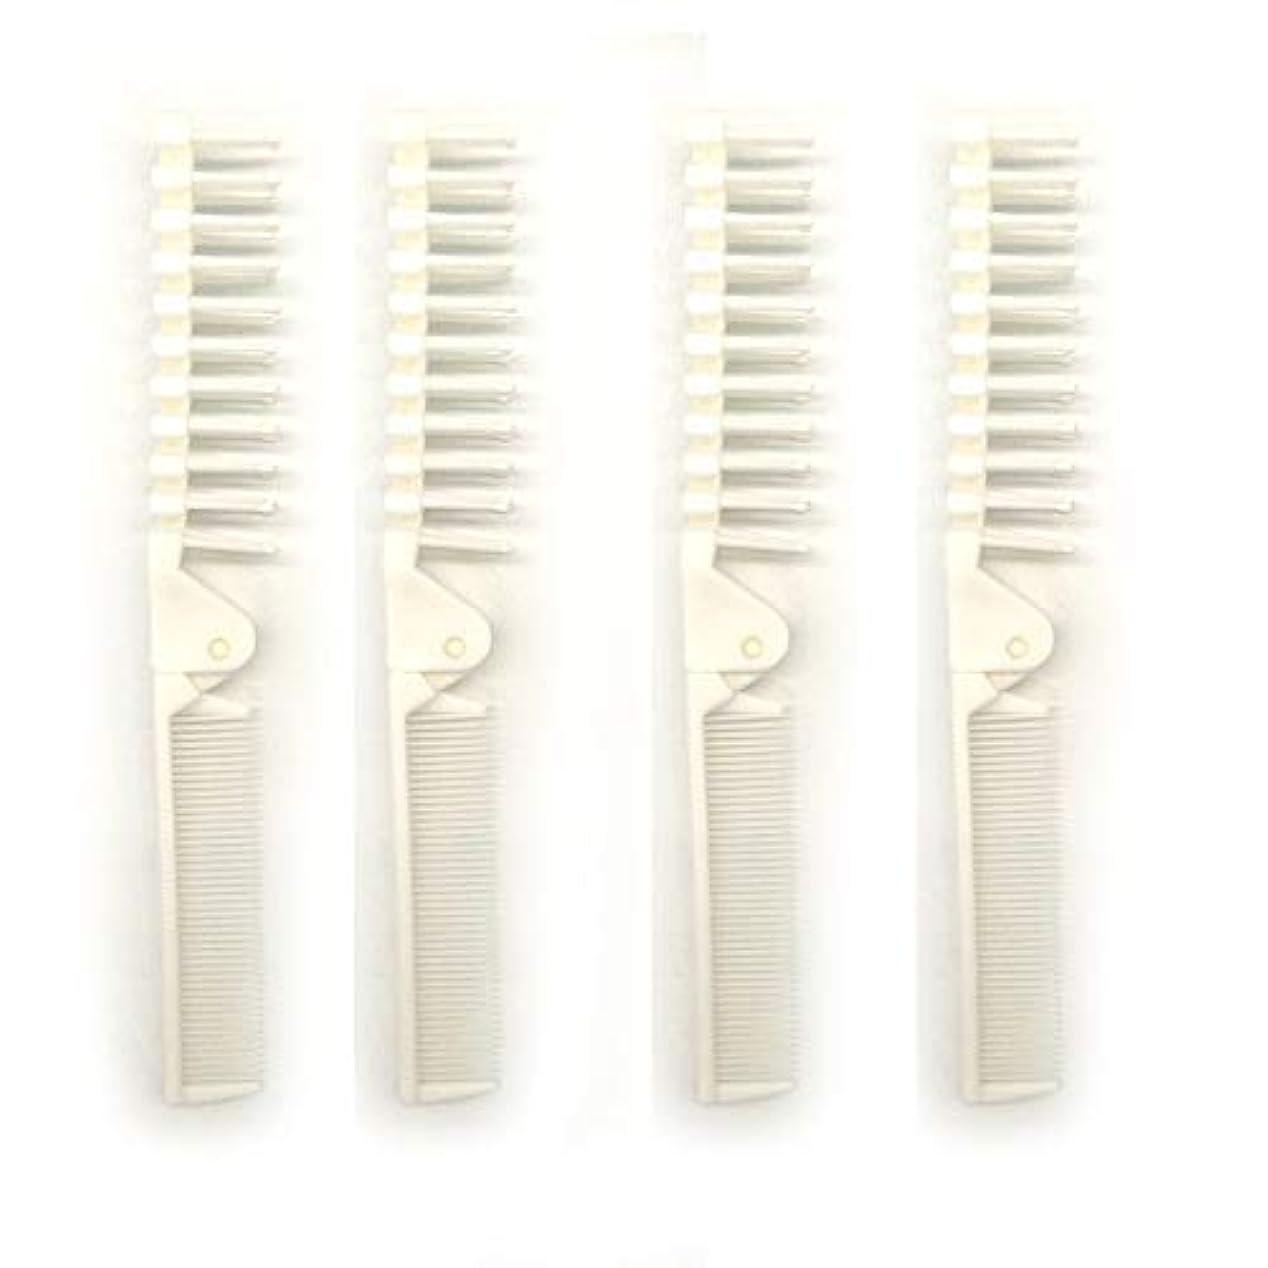 安西ダイヤモンド強要PUTYSUUN Portable Travel Size Comb Brush Combo Folding, Antistatic Pack of 4 [並行輸入品]